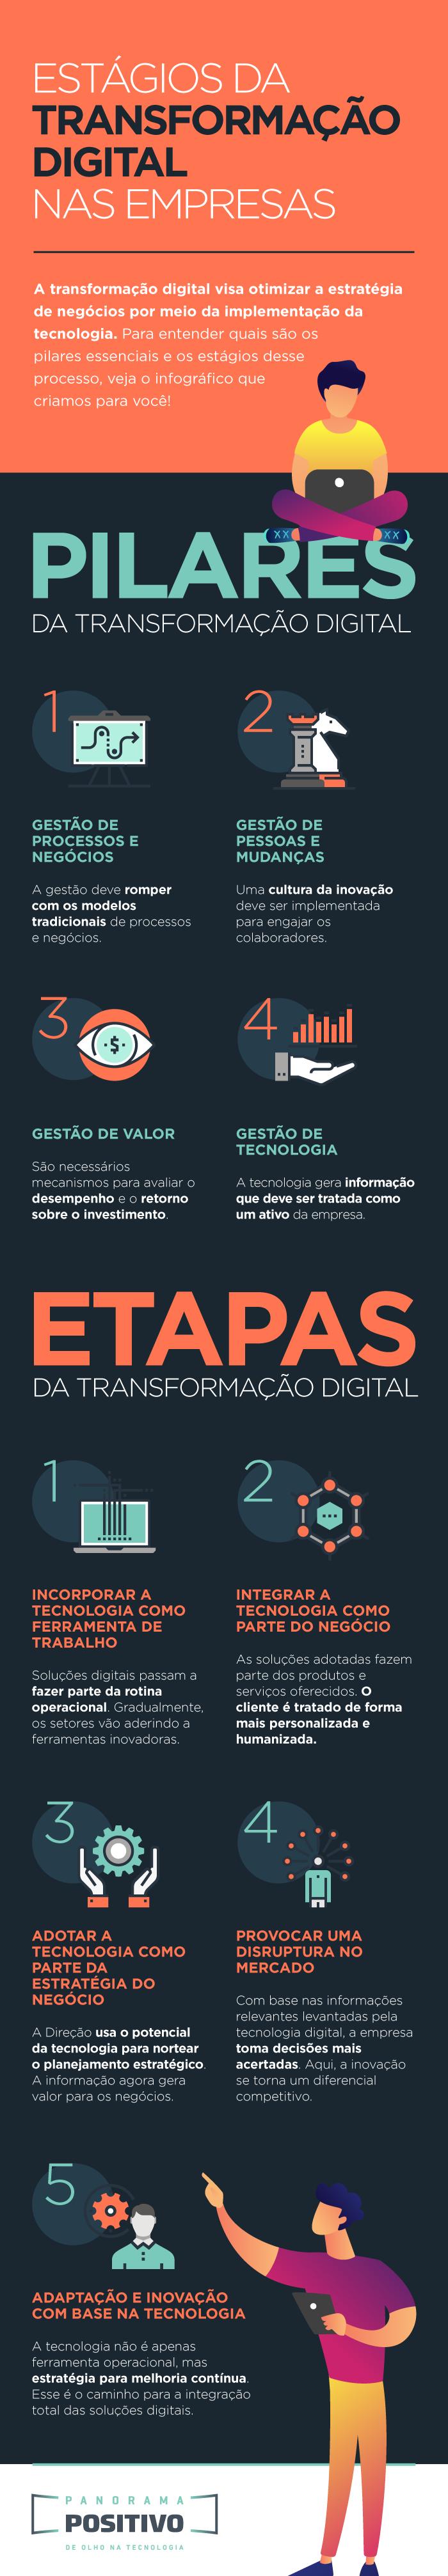 Estágios da transformação digital